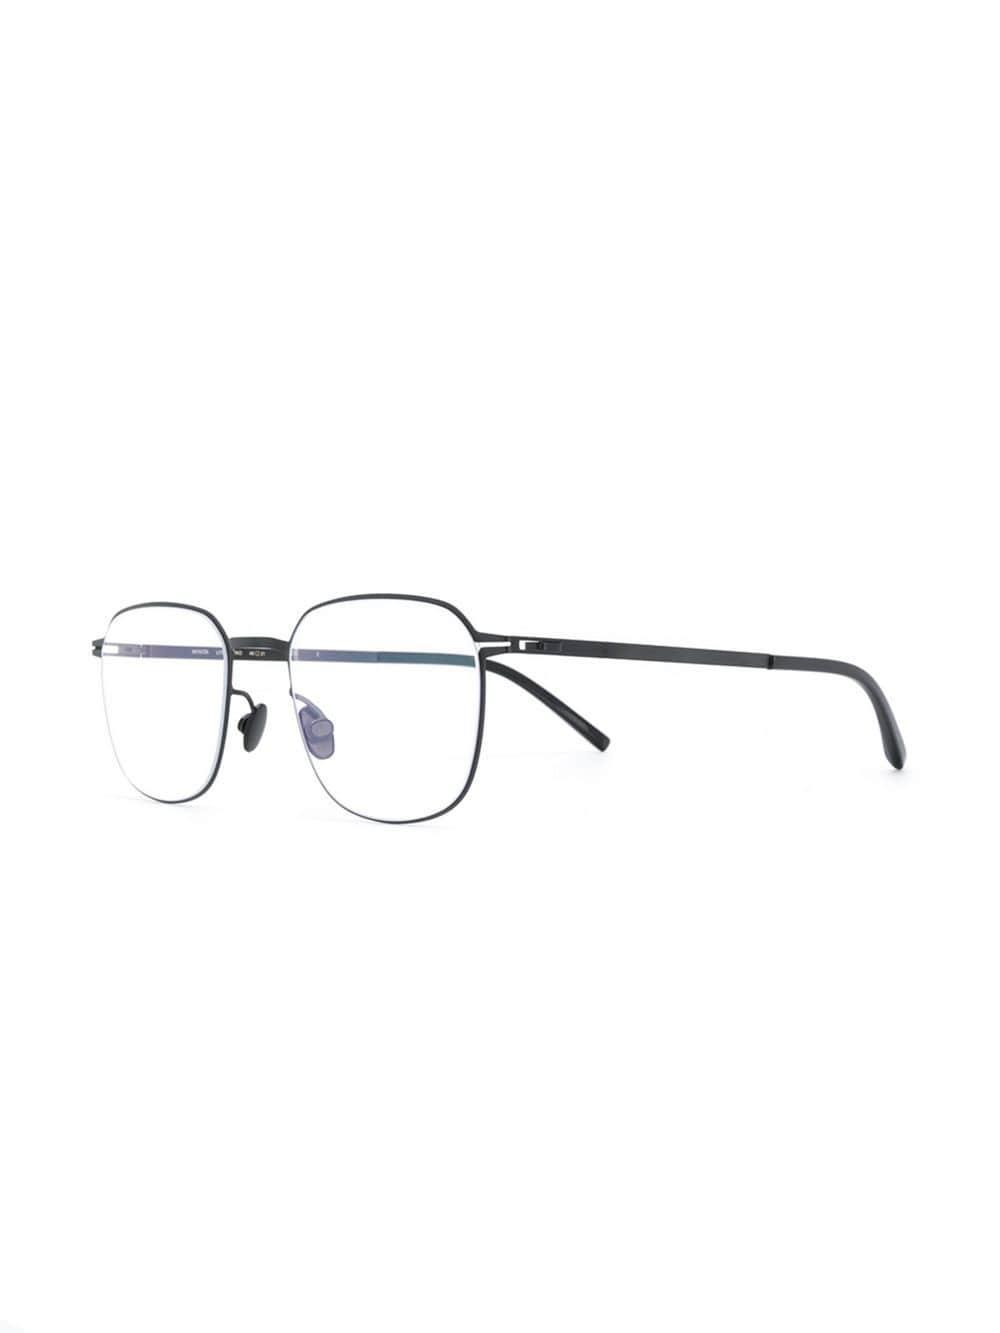 ecd0d1894baad Mykita Herko Glasses in Black - Lyst